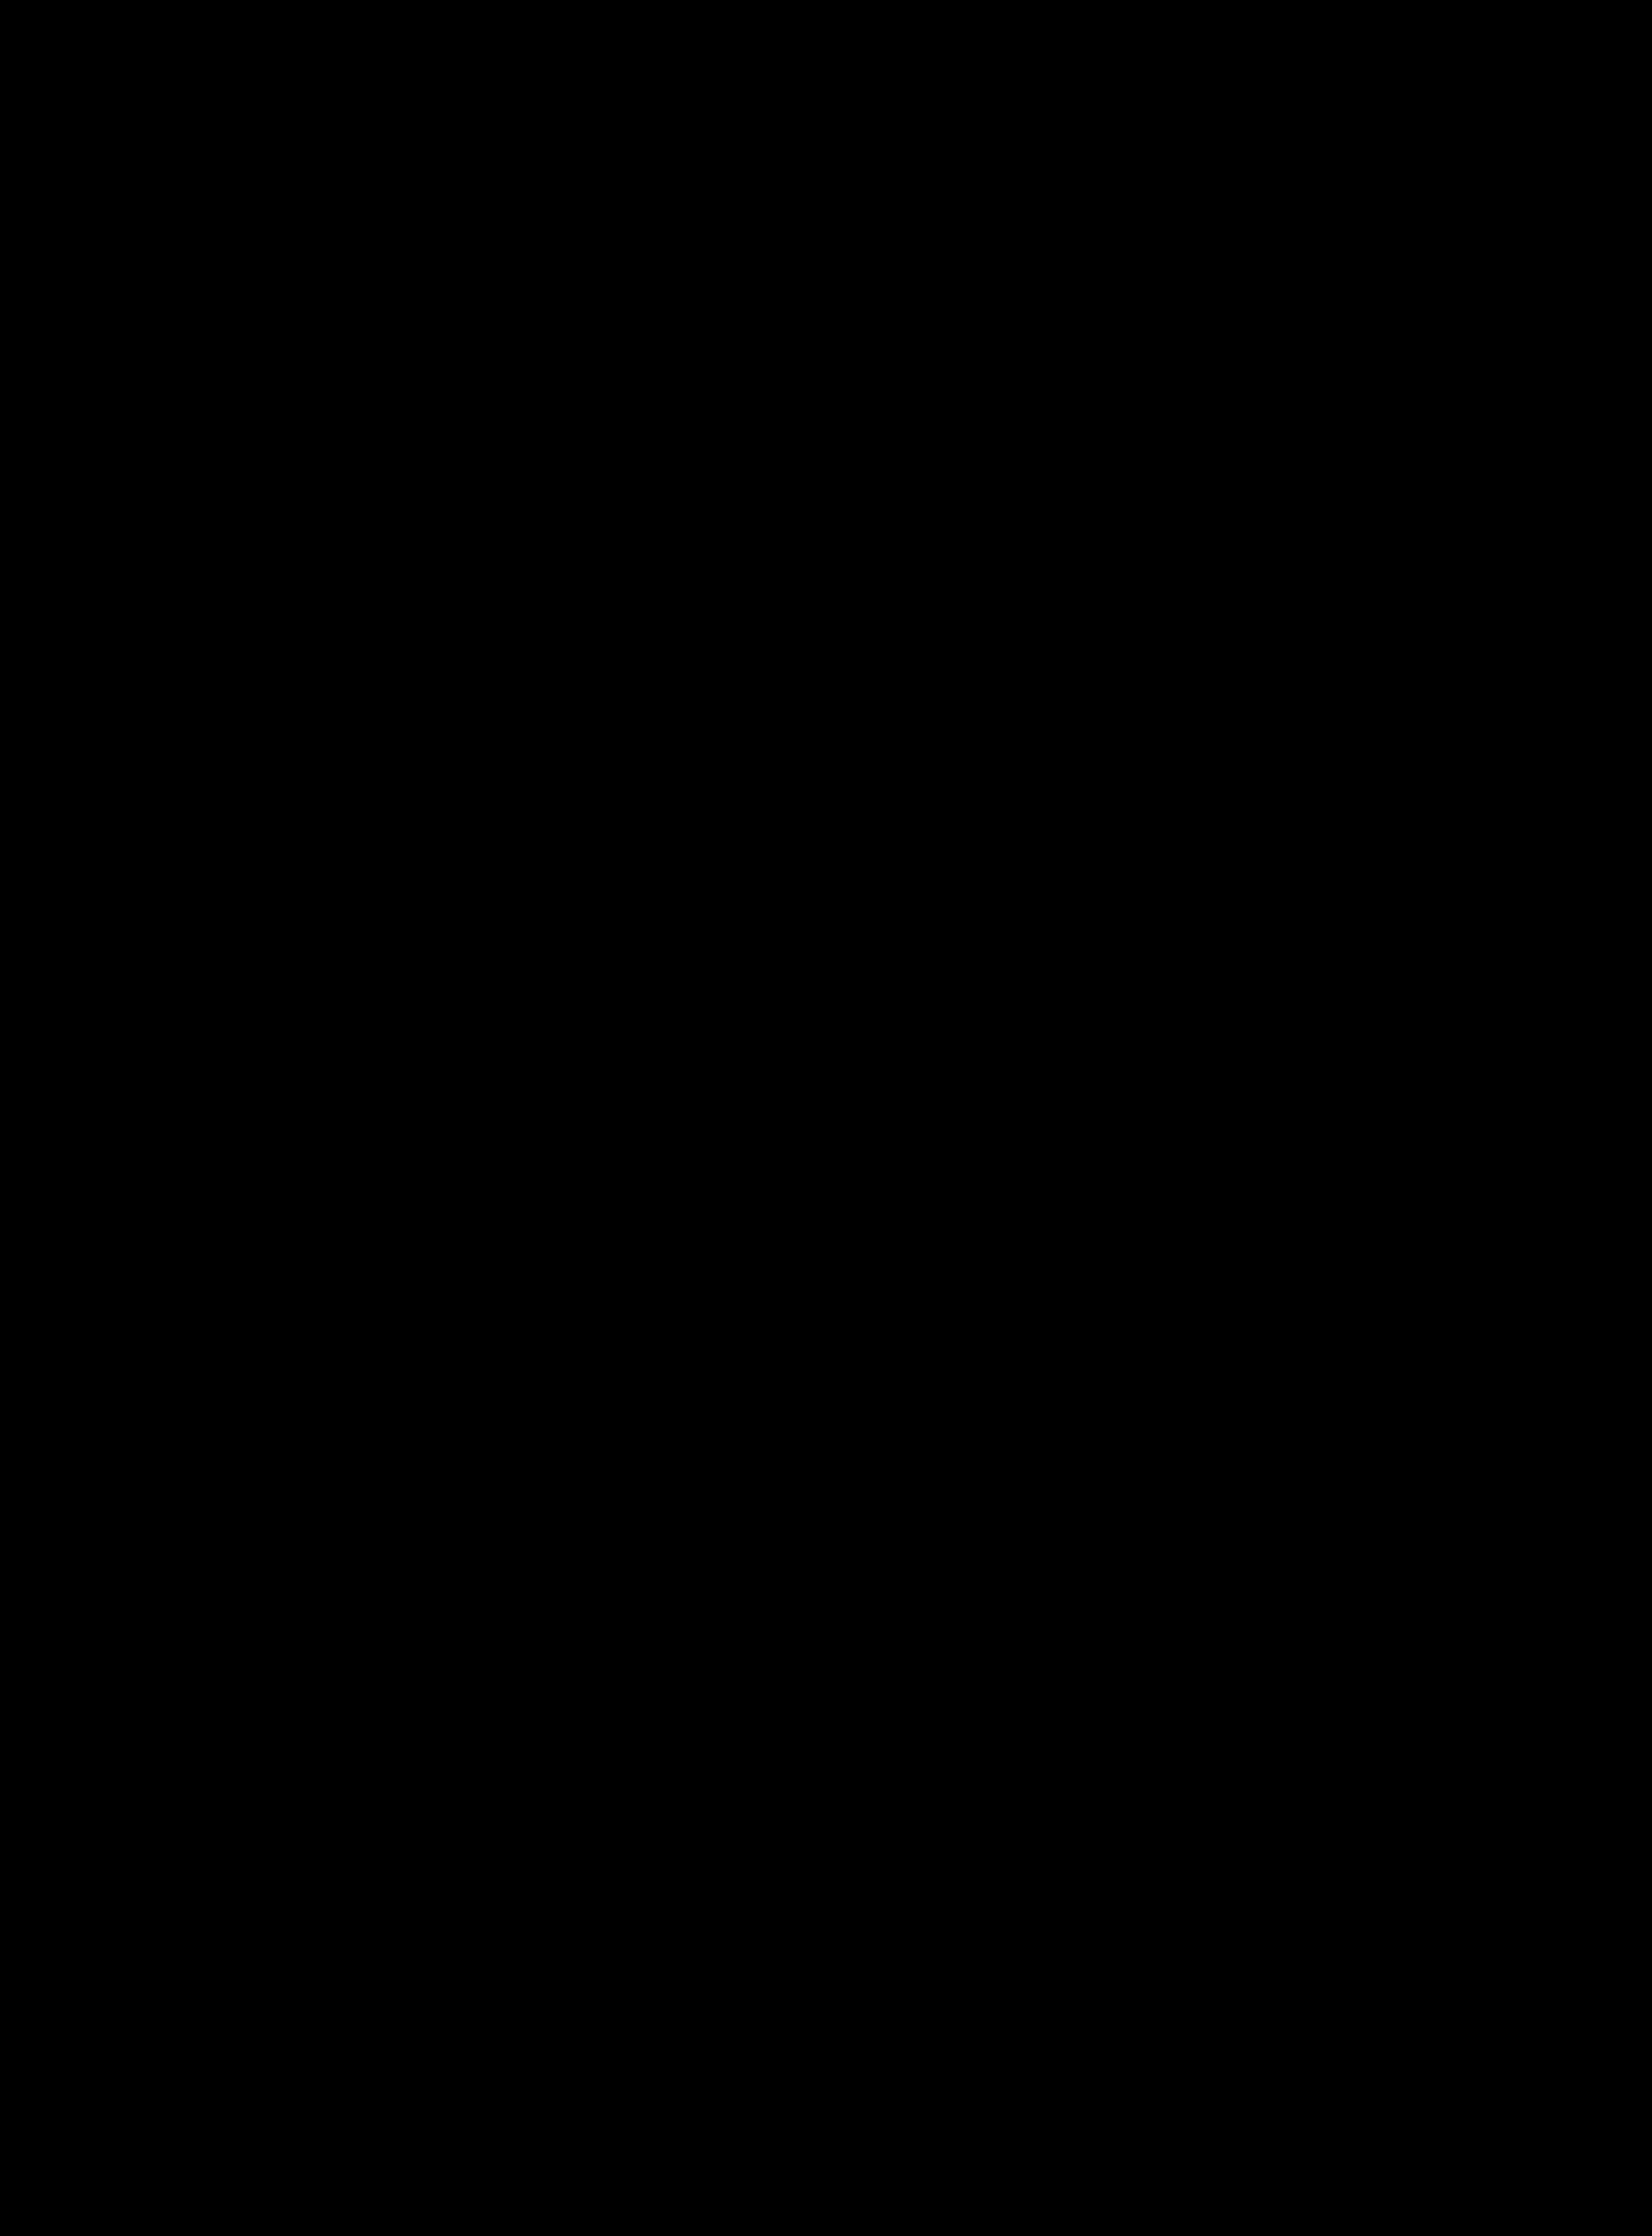 Chand Baori III